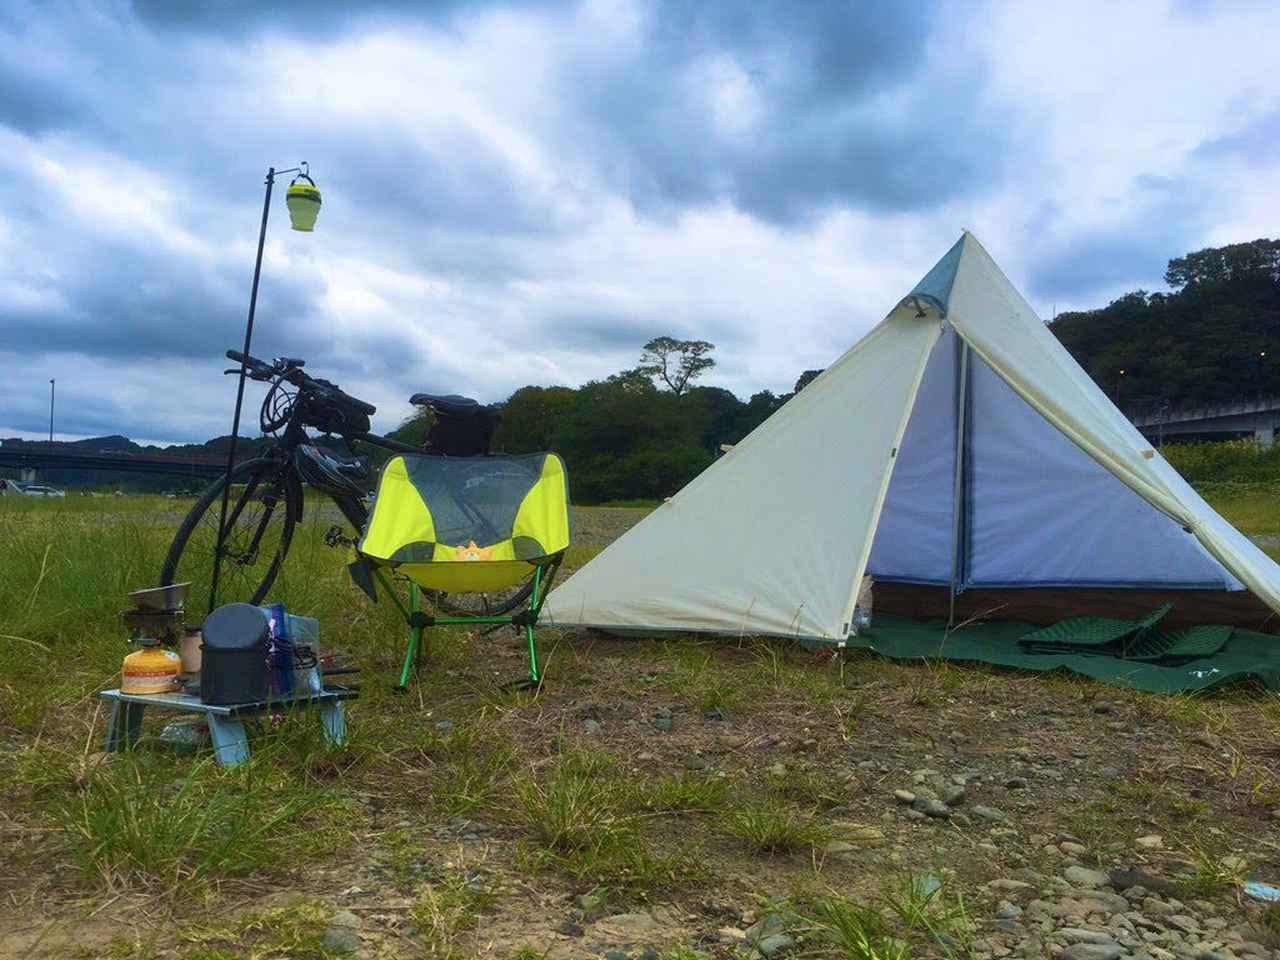 画像: 【徹底レビュー】自転車ソロキャンプにおすすめ! テンマクデザインのパンダテントの魅力 - ハピキャン(HAPPY CAMPER)